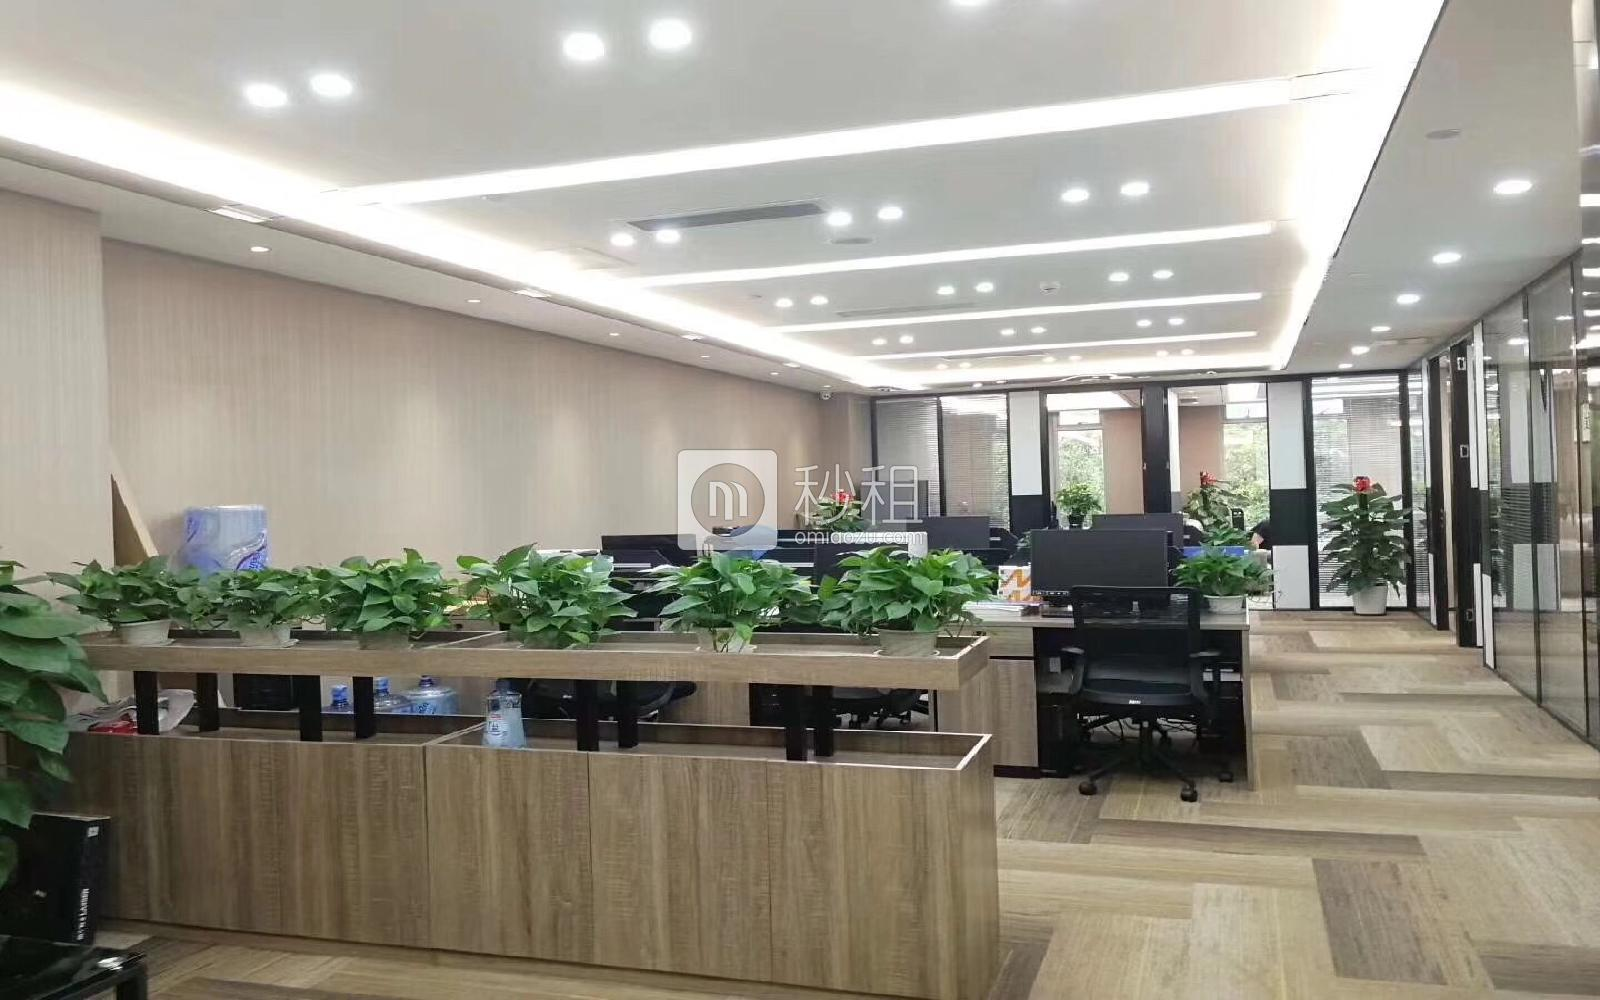 福田-梅林 卓越城(二期) 268m²